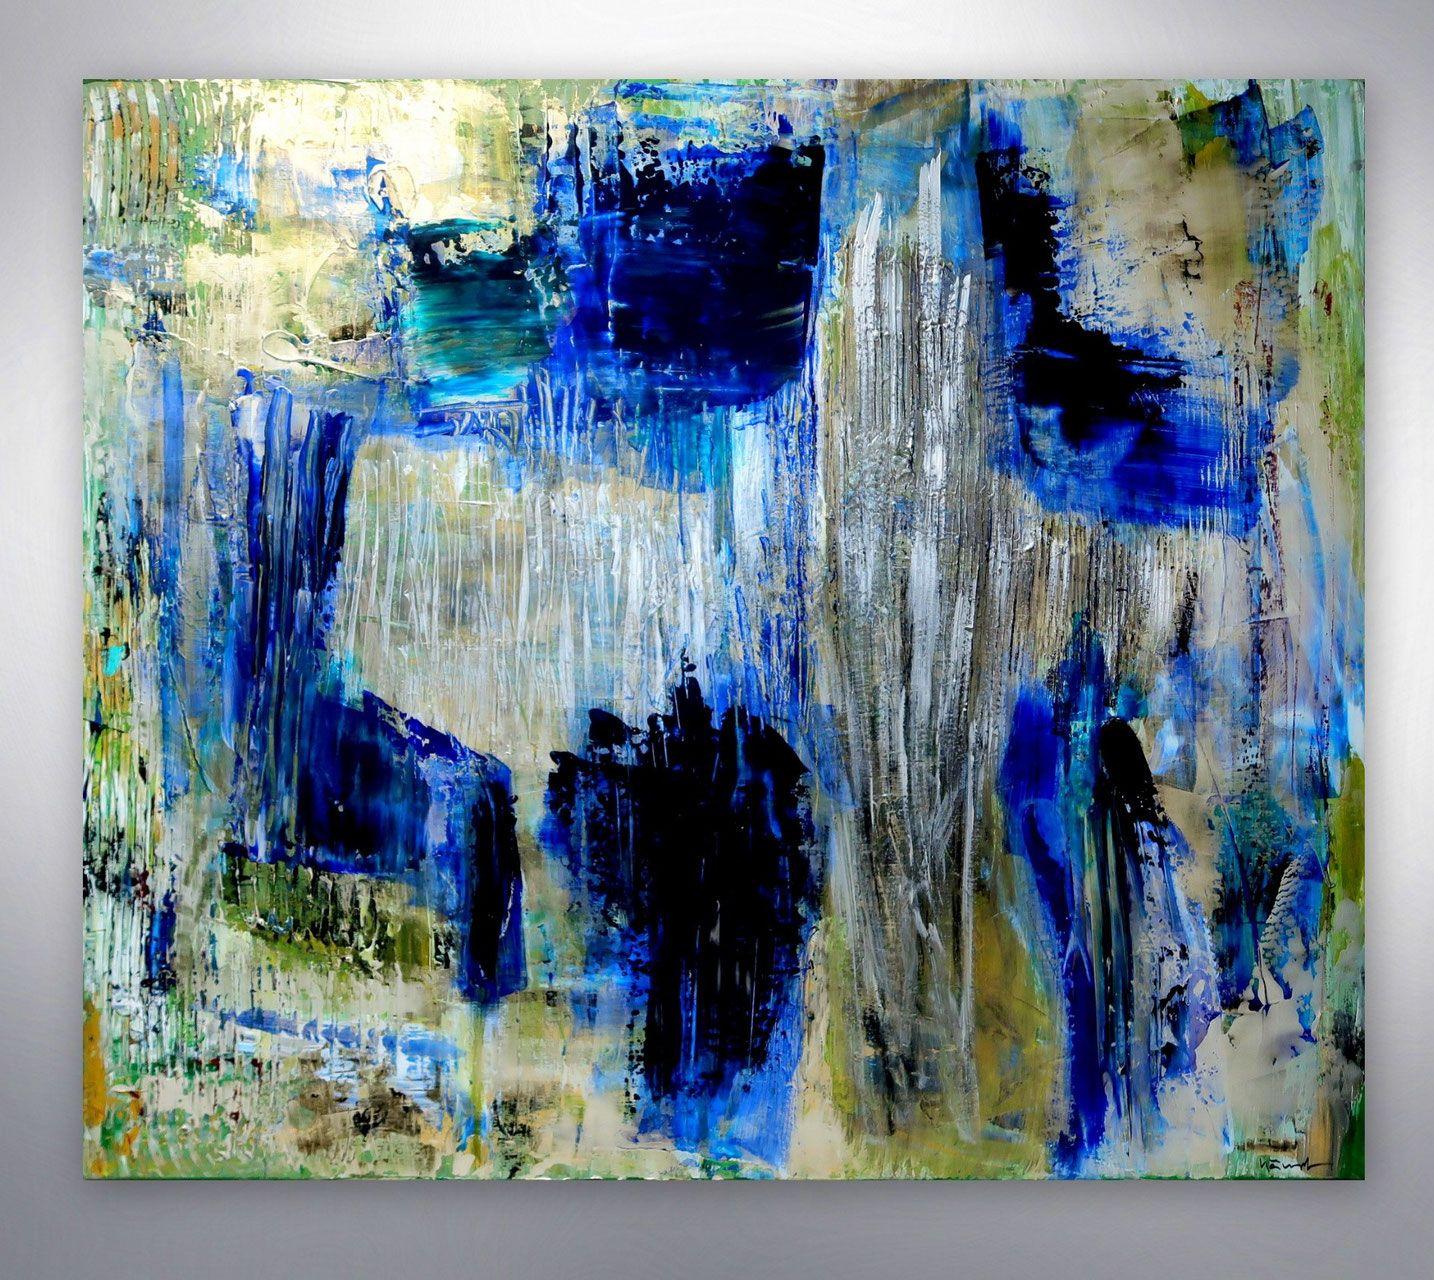 modernes gemalde silber blau gespachtelt xxl kaufen hochwertige bilder originale unikate art gallery kunstgalerie online shop landsch abstrakte malerei abstrakt acrylbilder gemälde kunst acryl auf leinwand